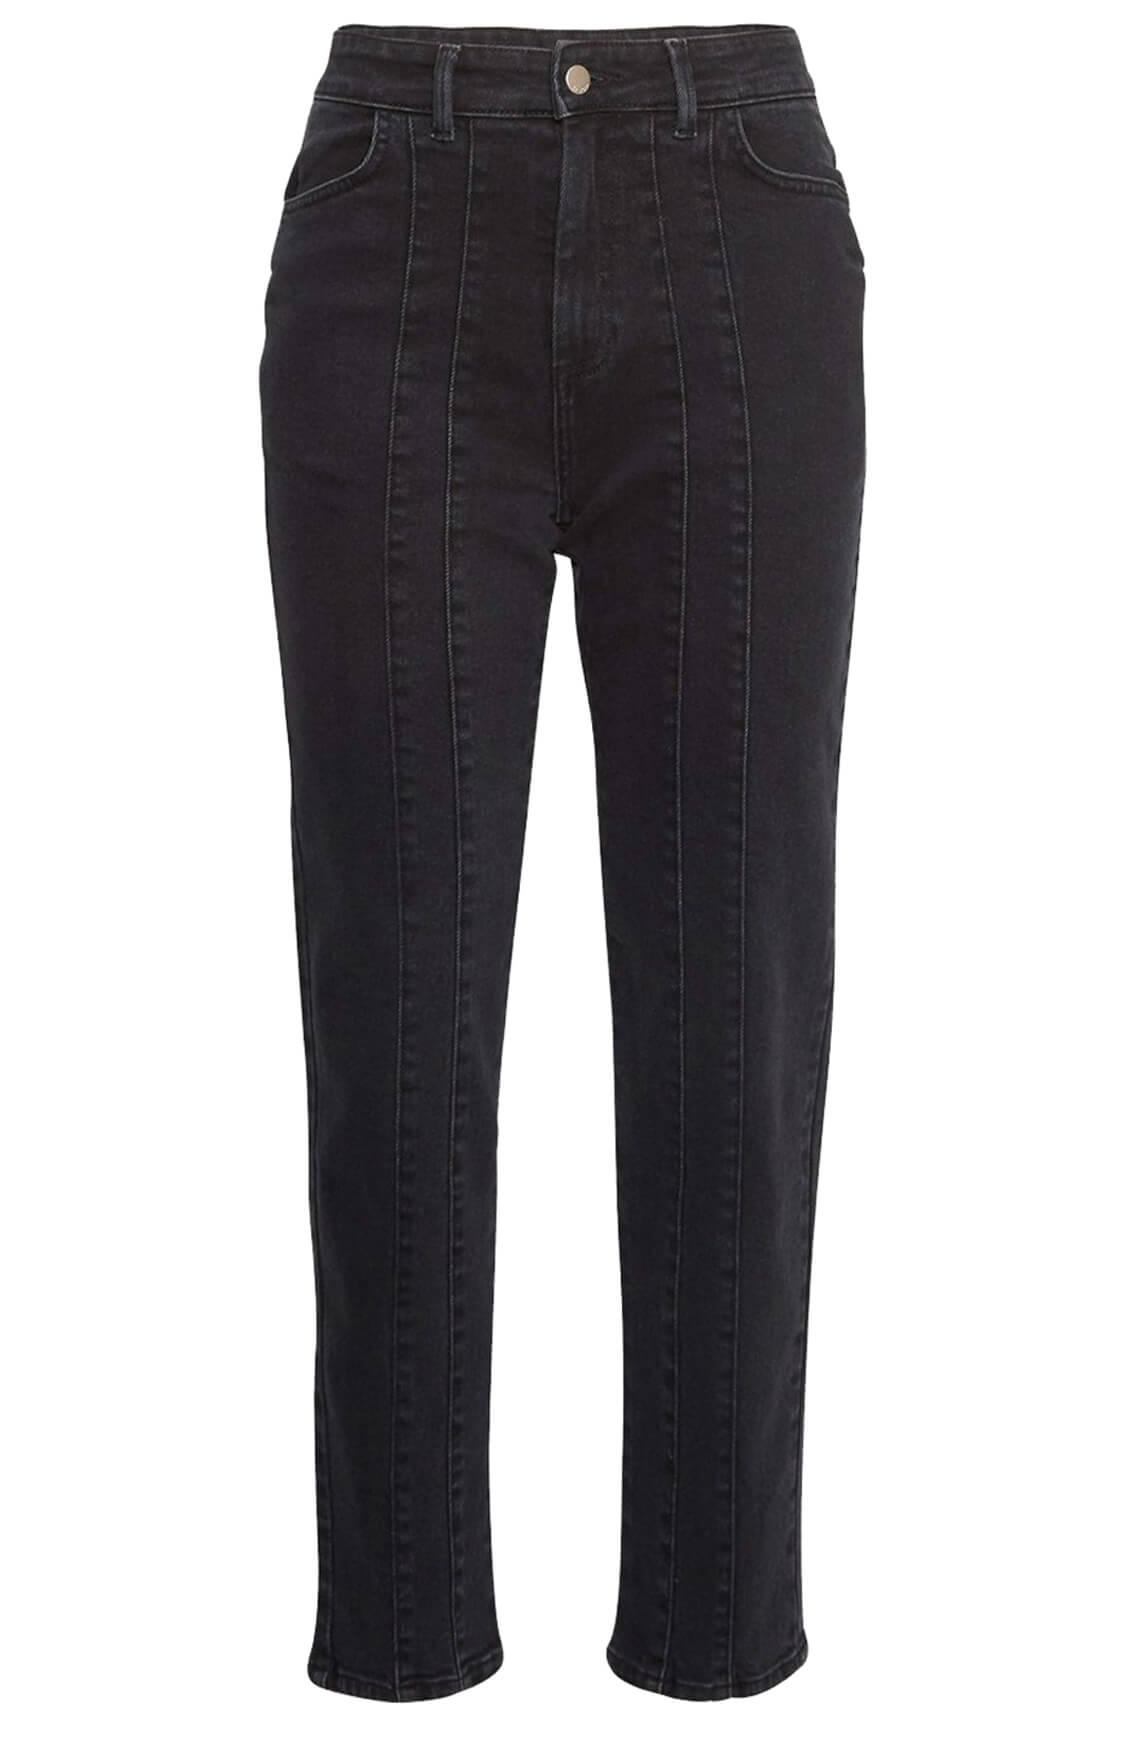 Moss Copenhagen Dames Tassa jeans zwart